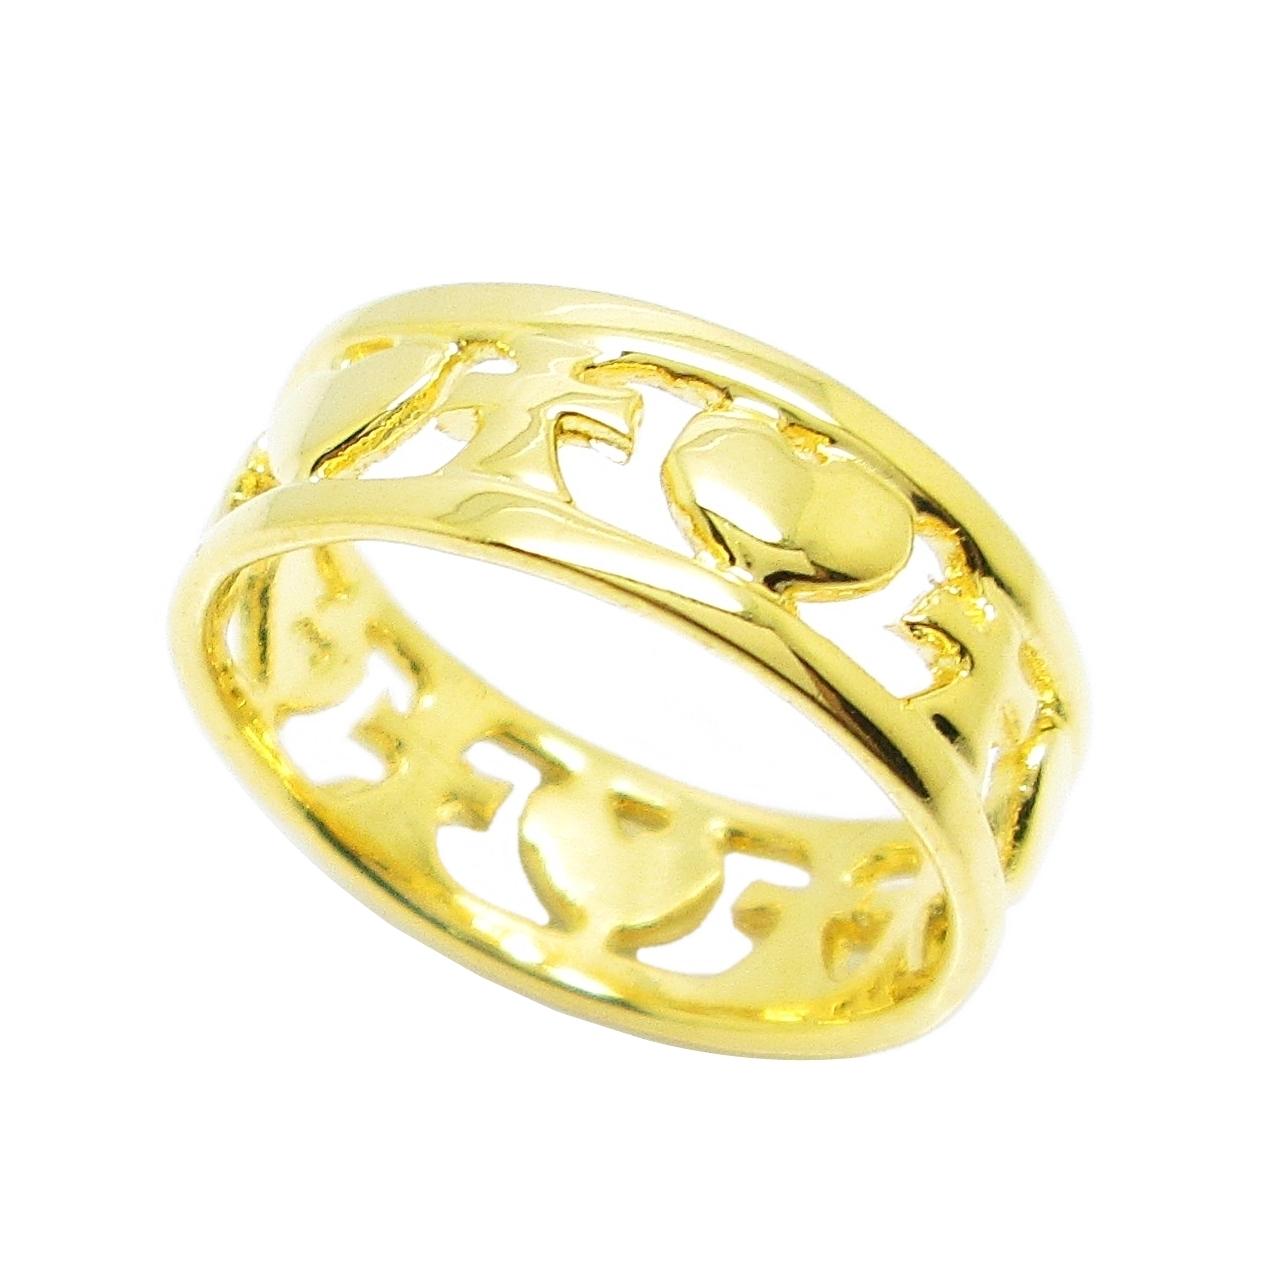 แหวนฉลุหัวใจสลับไม้กางเขนชุบทอง